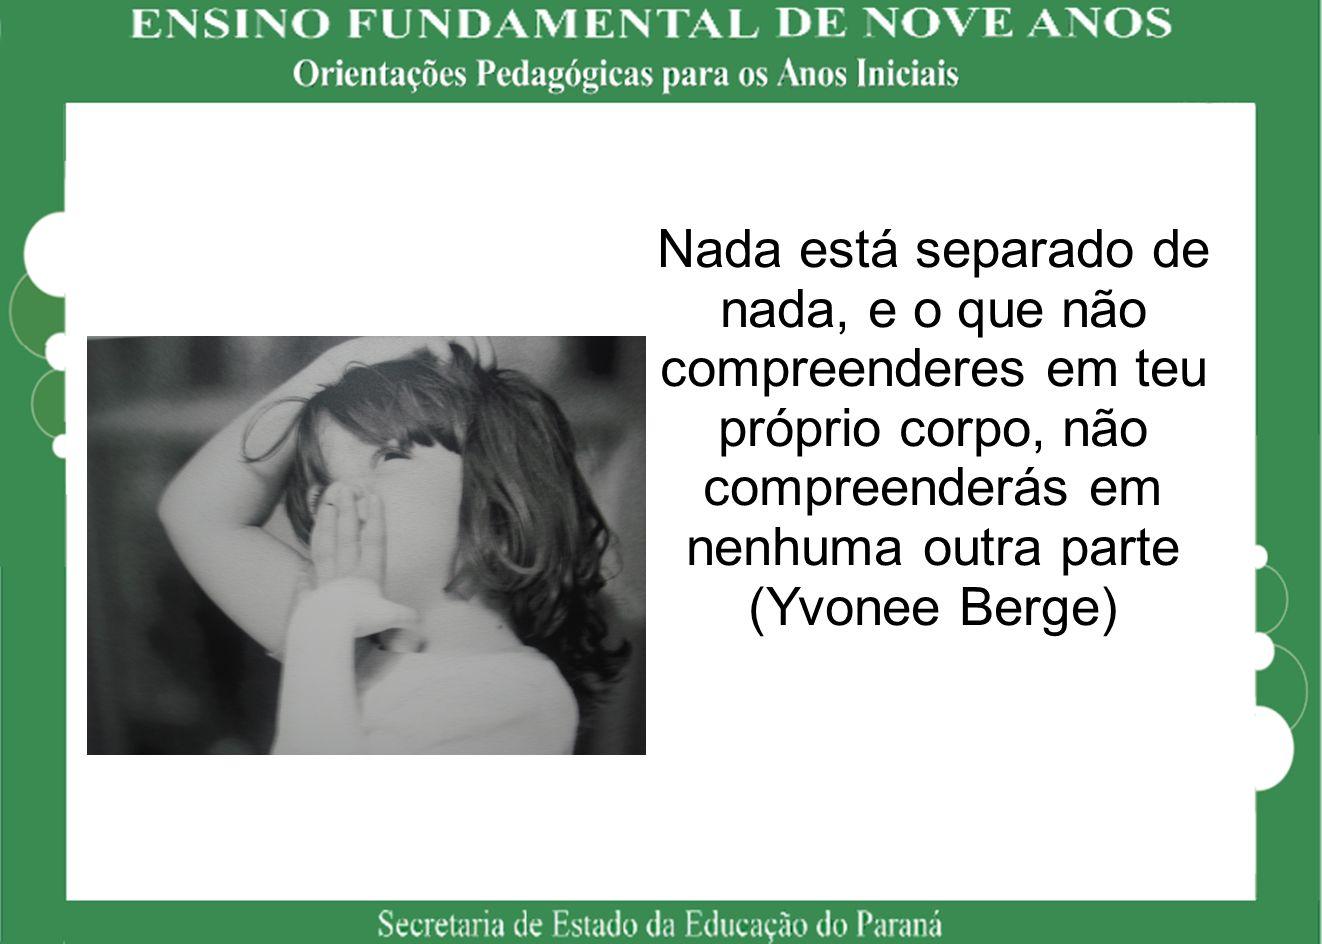 Nada está separado de nada, e o que não compreenderes em teu próprio corpo, não compreenderás em nenhuma outra parte (Yvonee Berge)